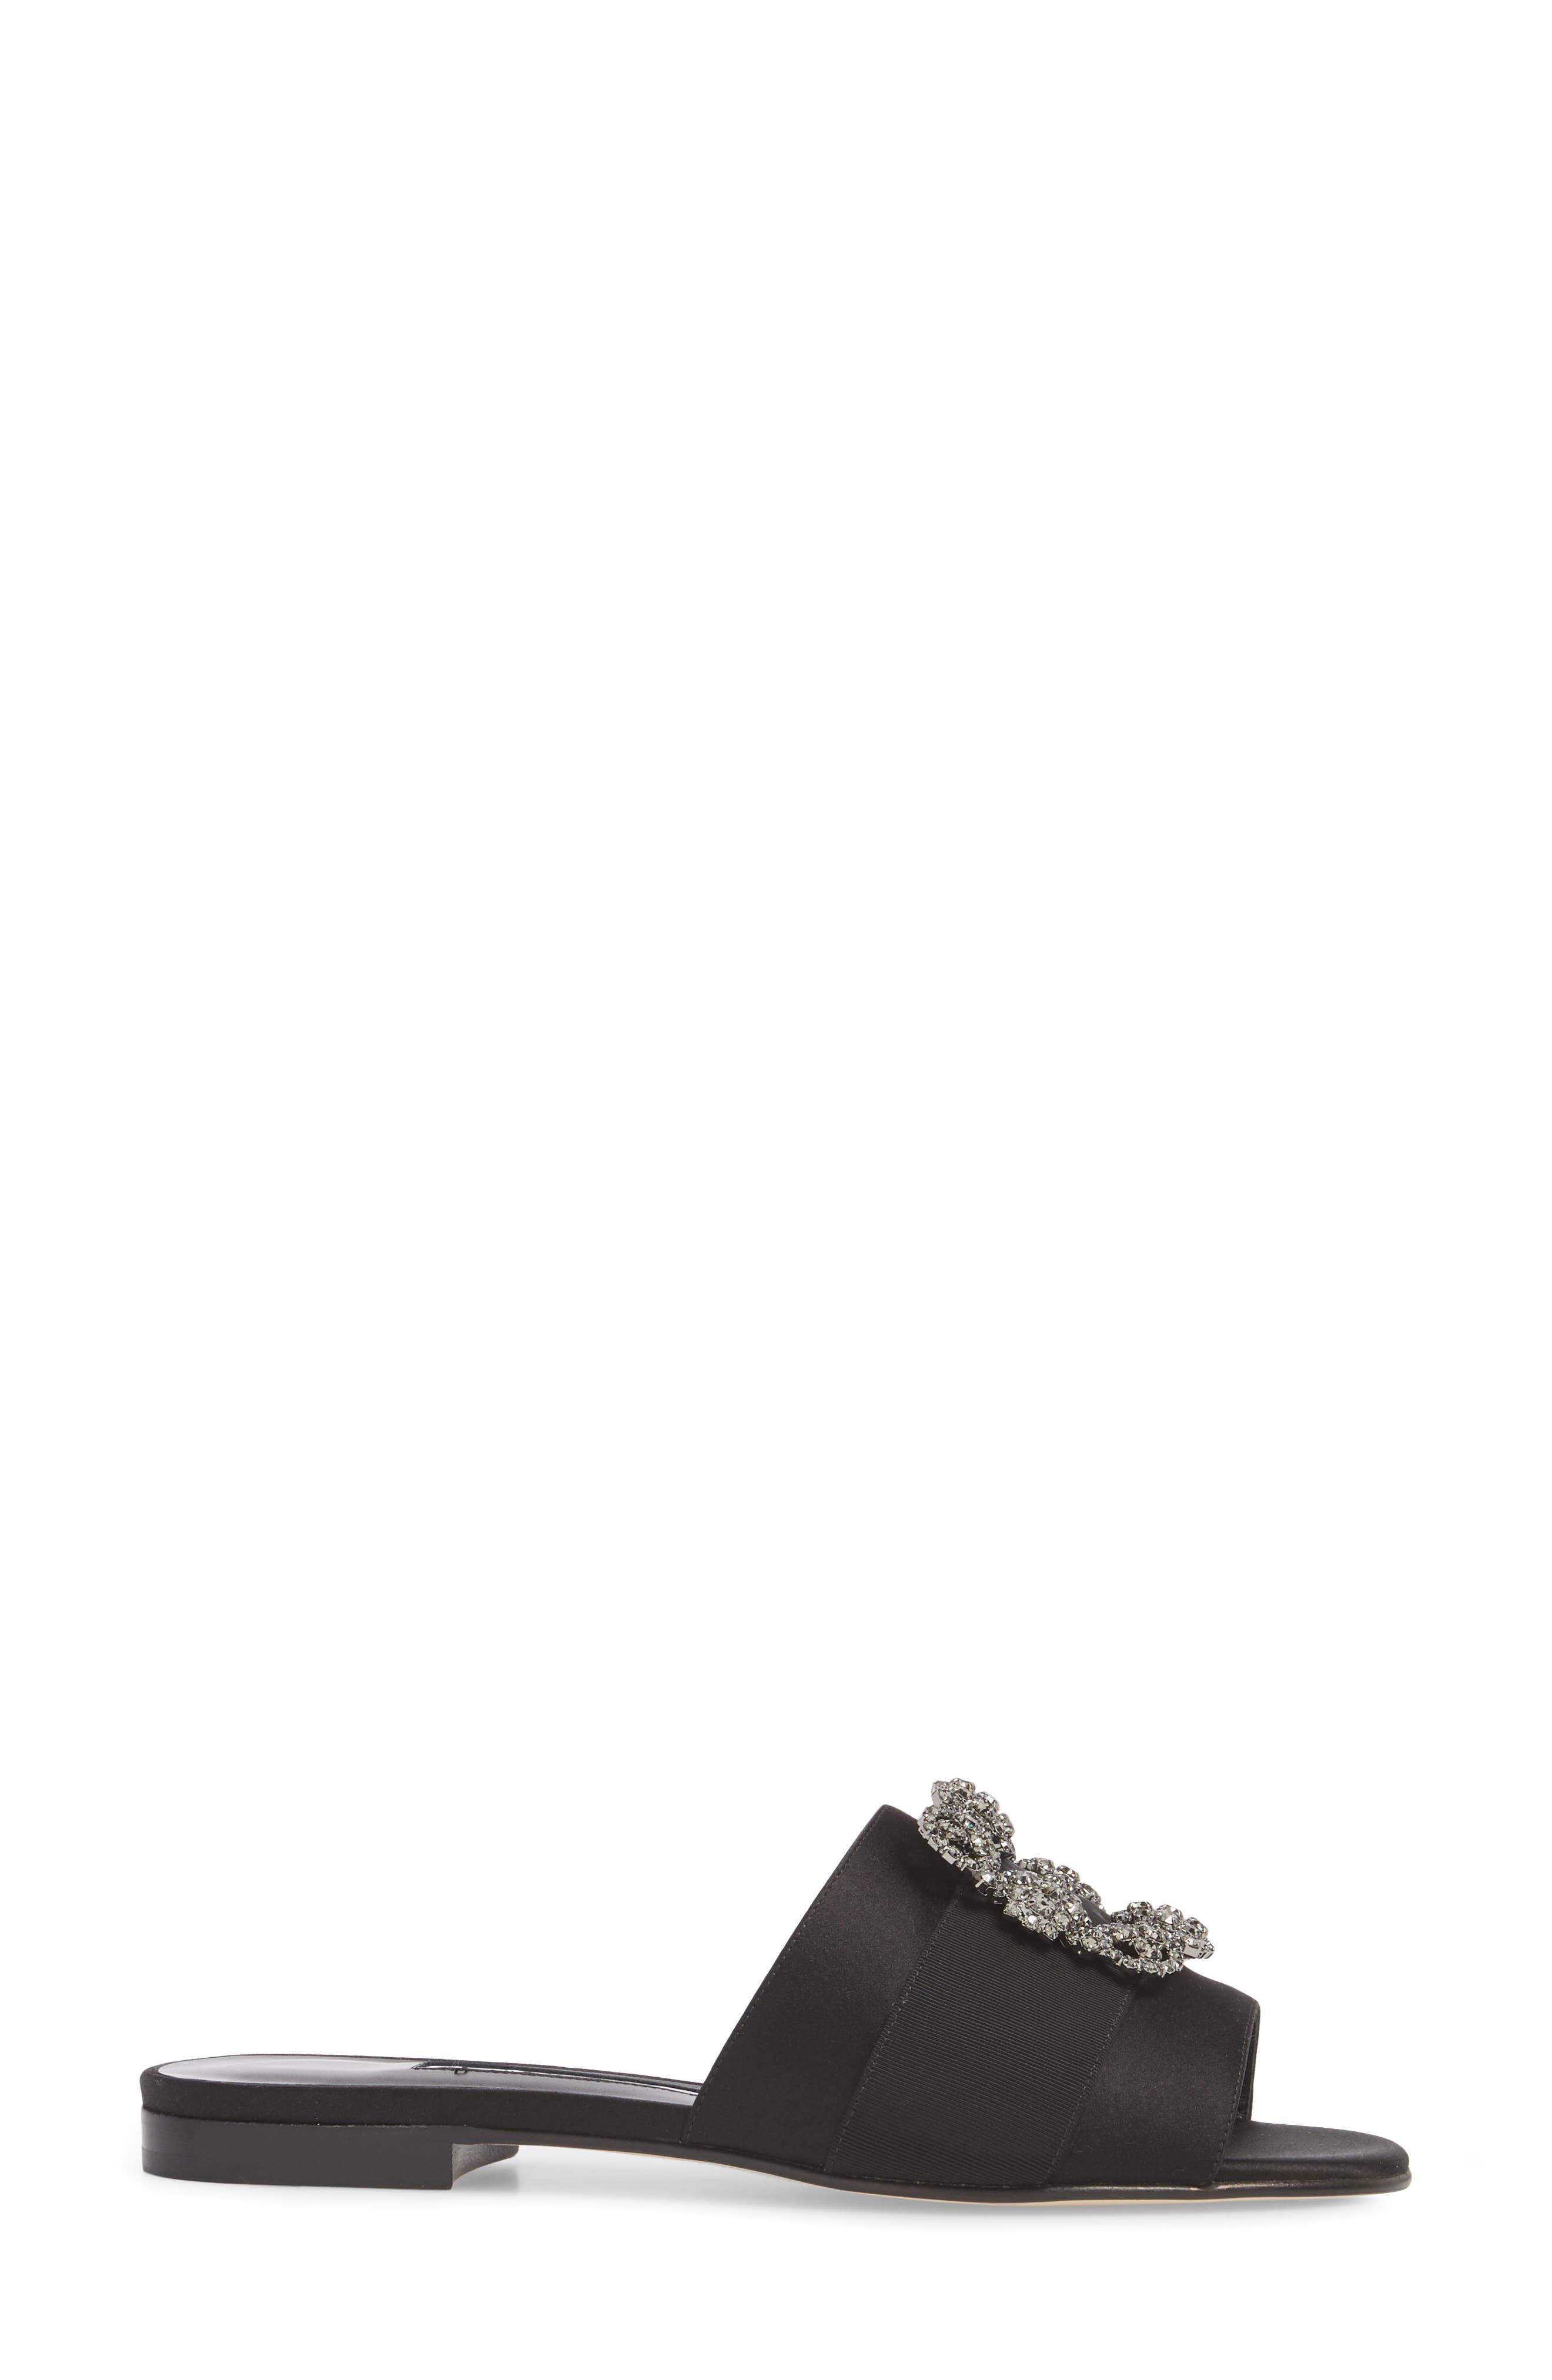 Martamod Crystal Embellished Slide Sandal,                             Alternate thumbnail 3, color,                             001